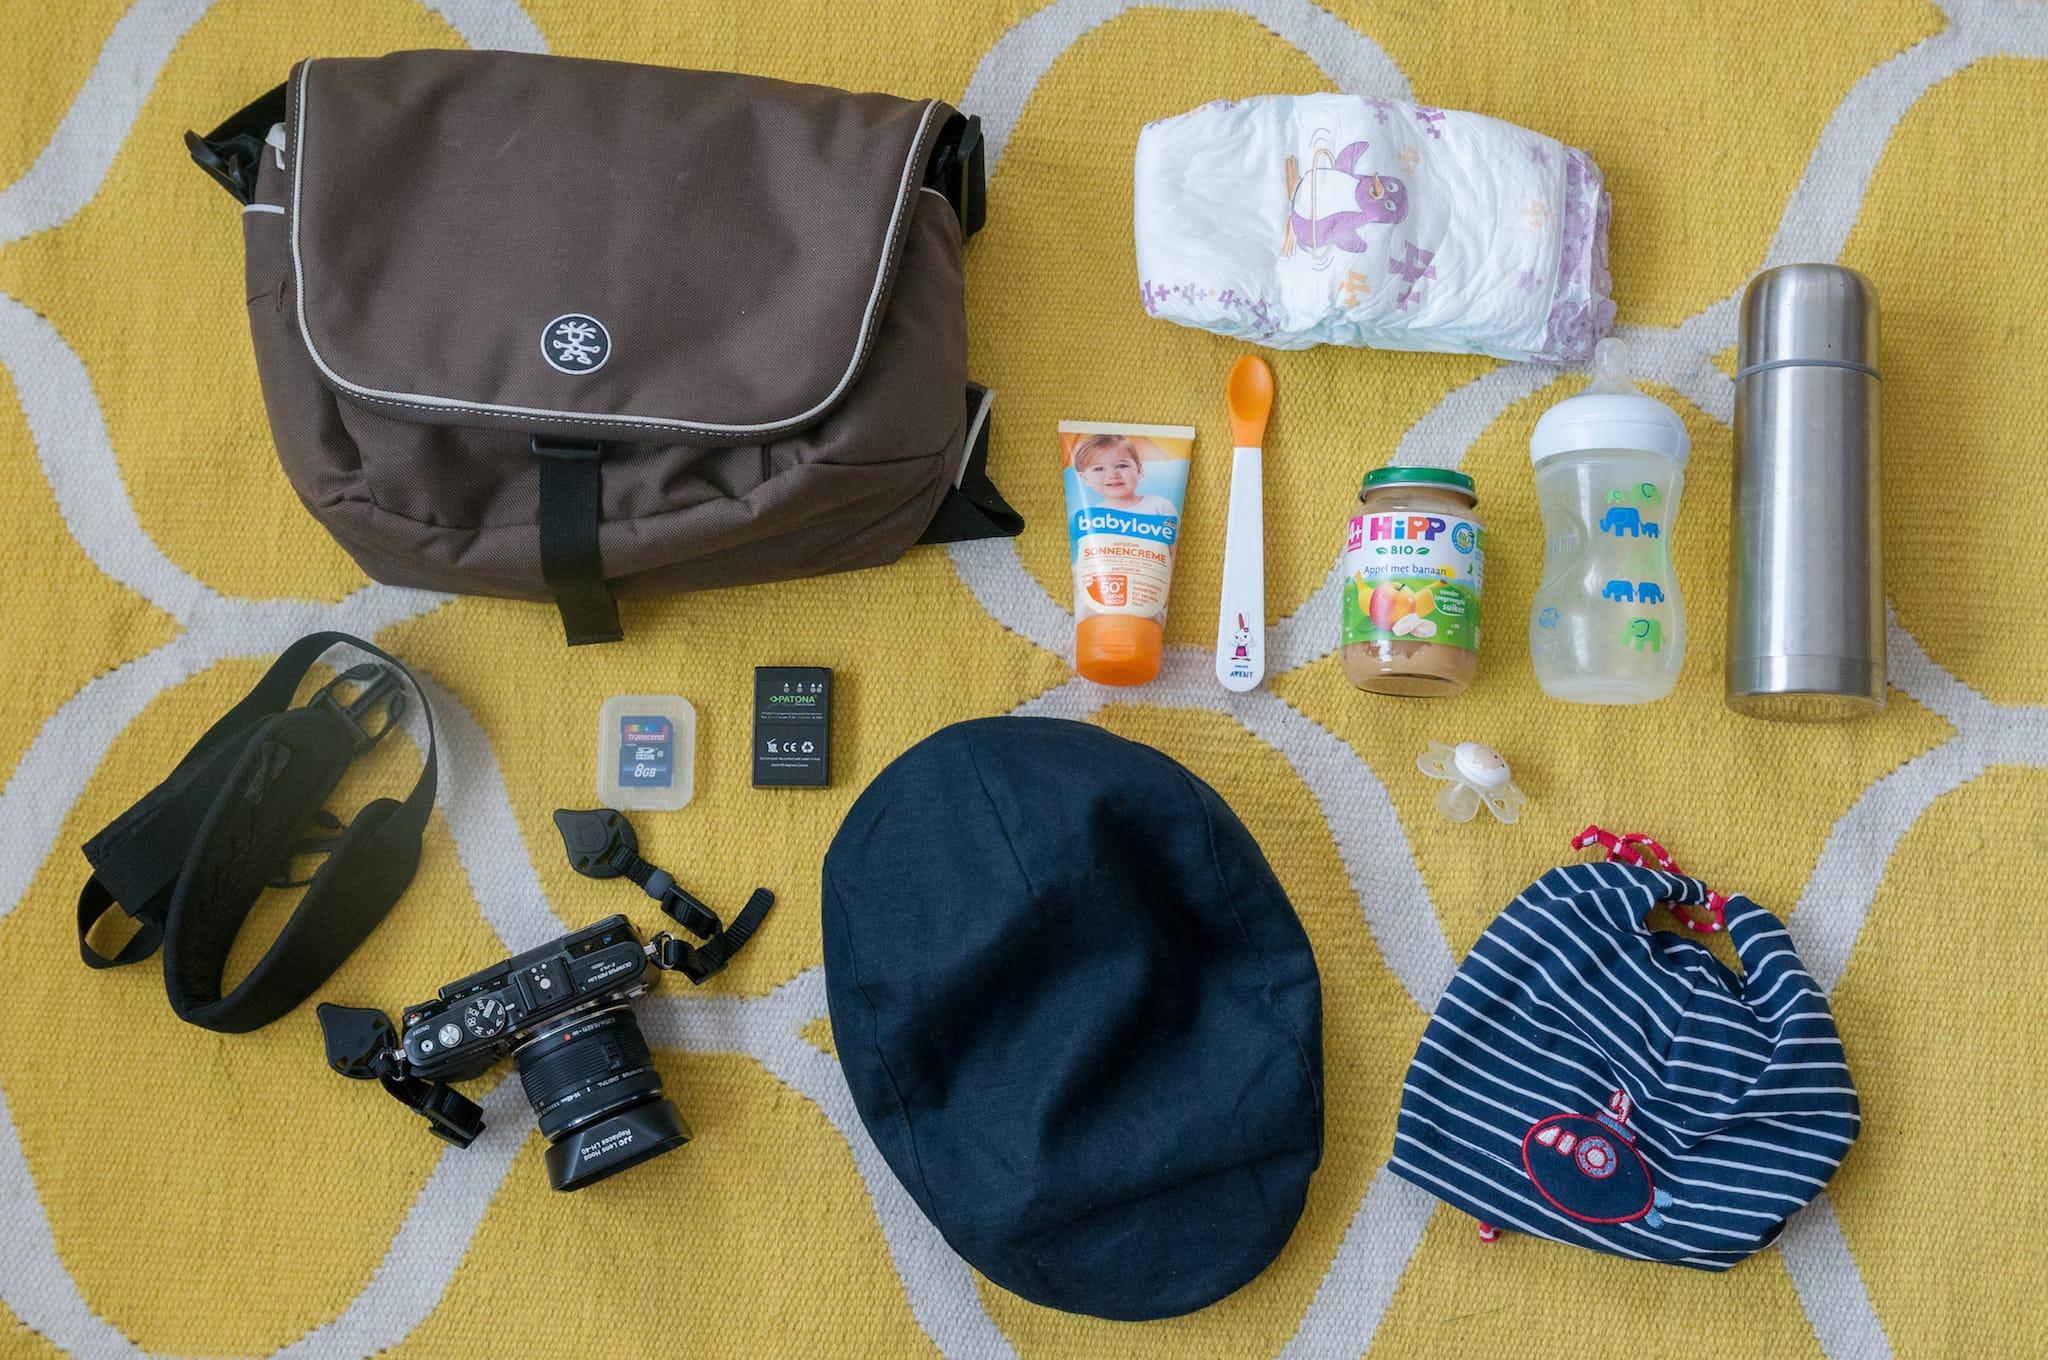 Andreas Ott Street Photography Camera Bag